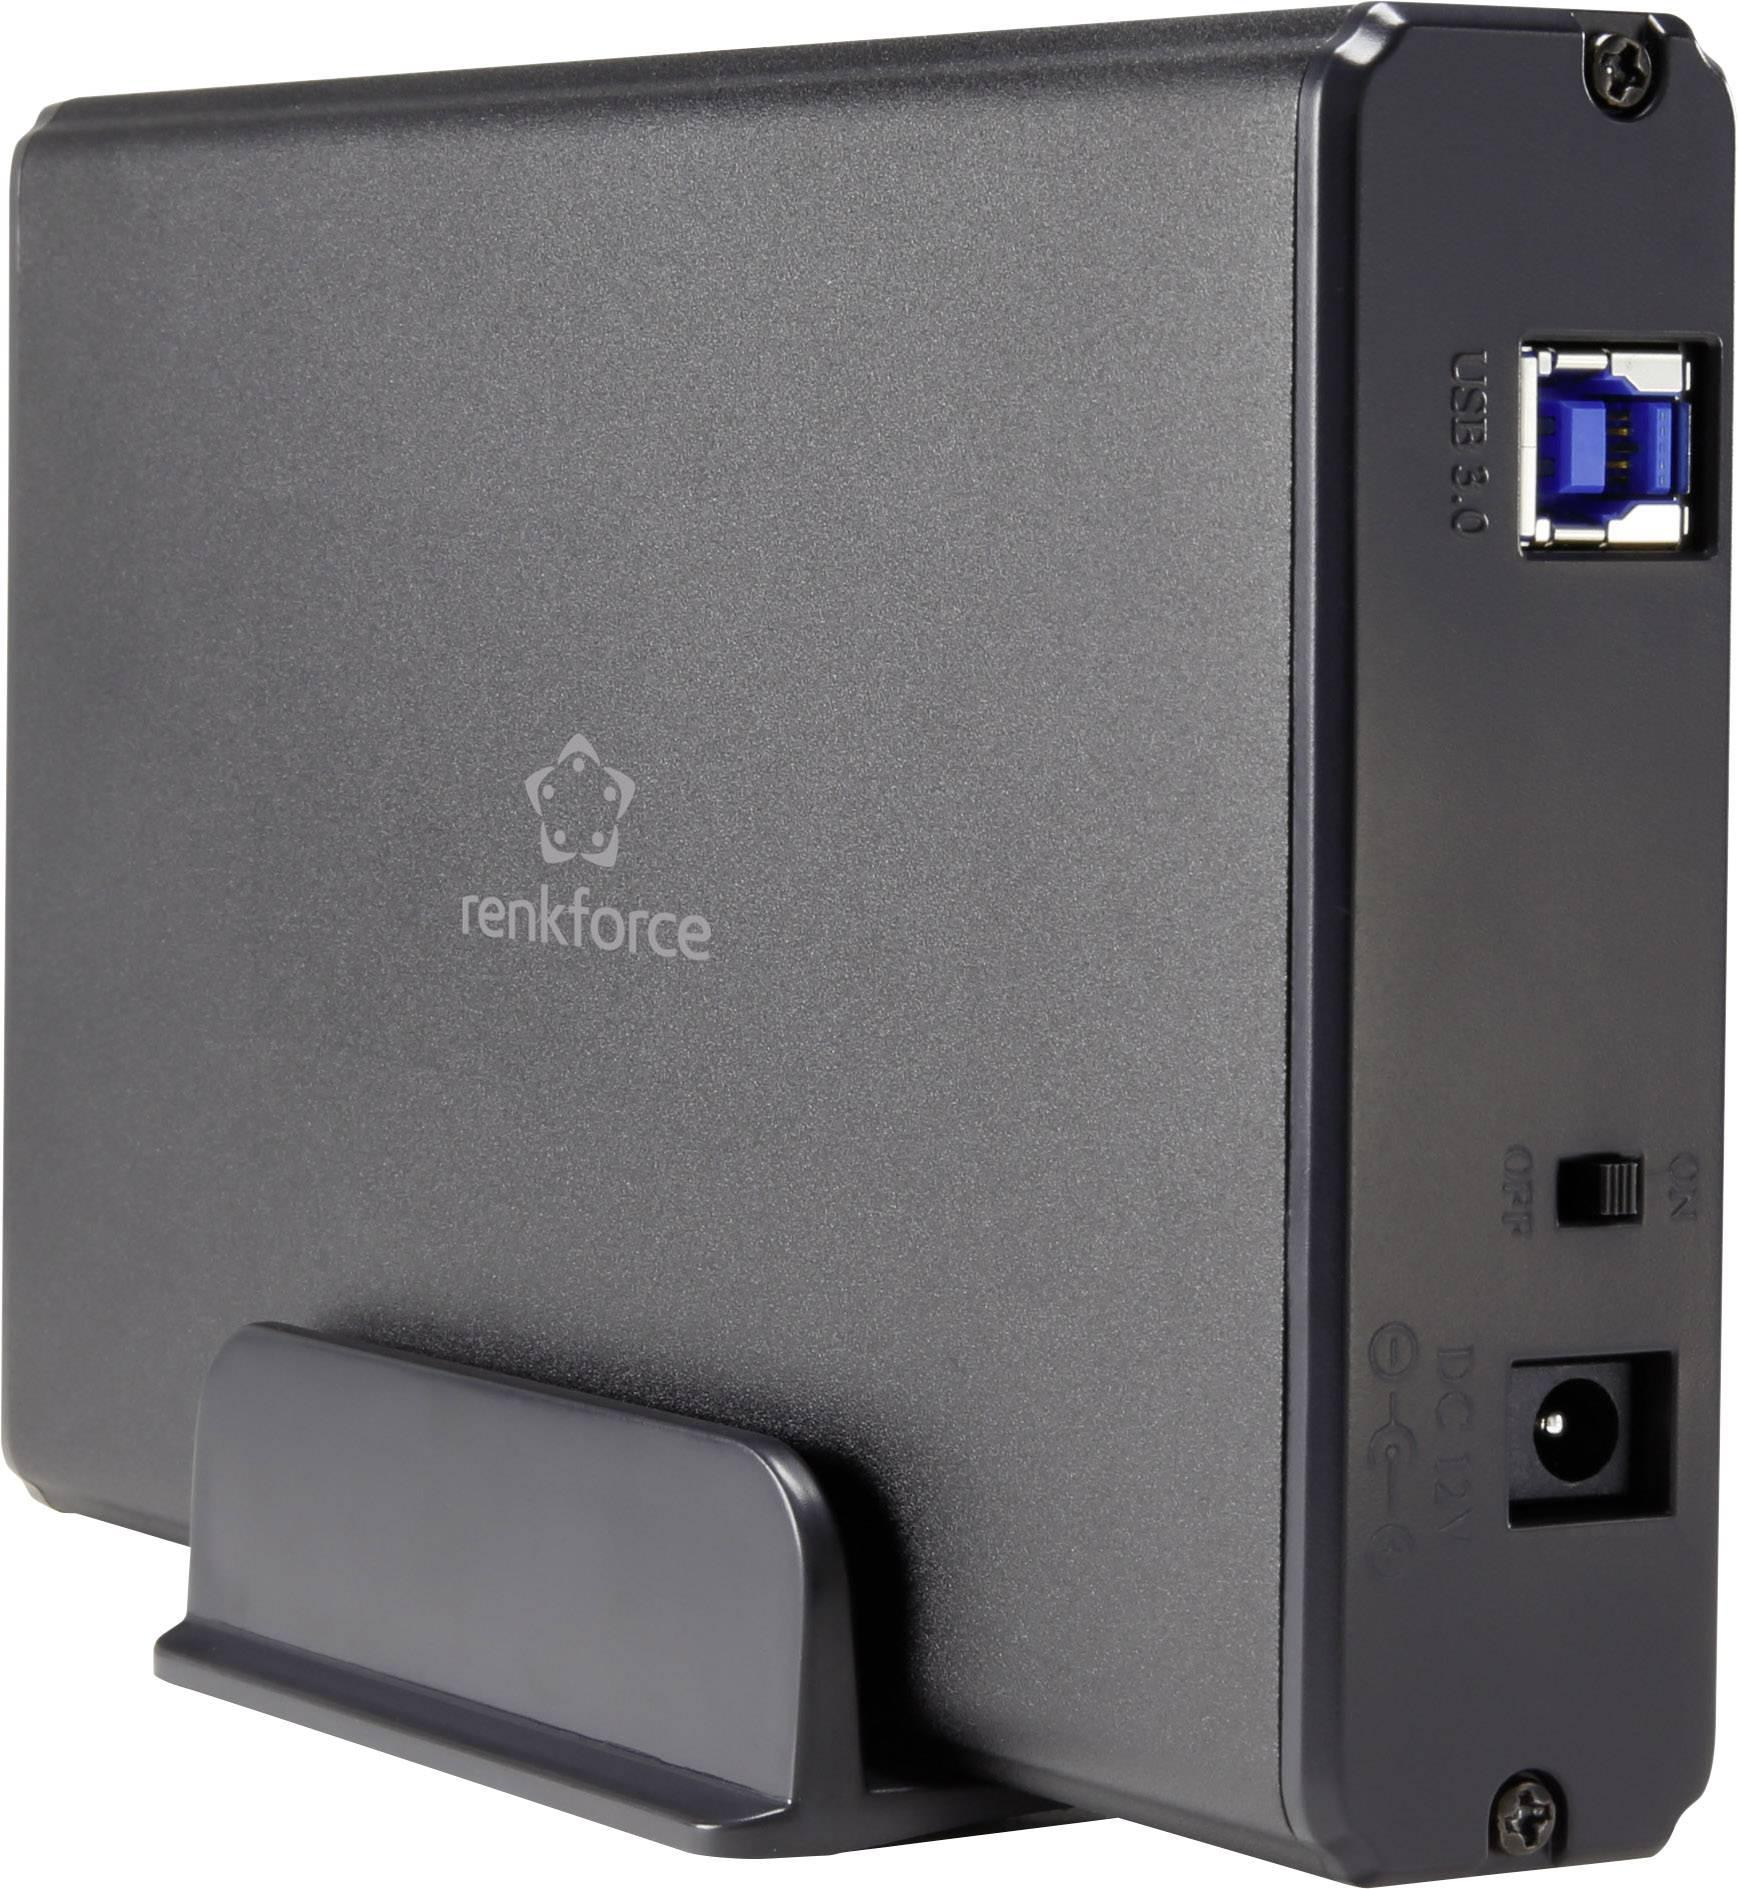 """Pouzdro pevného disku SATA, pouzdro pevného disku IDE 3.5 """" Renkforce RF-4116003 USB 3.0"""